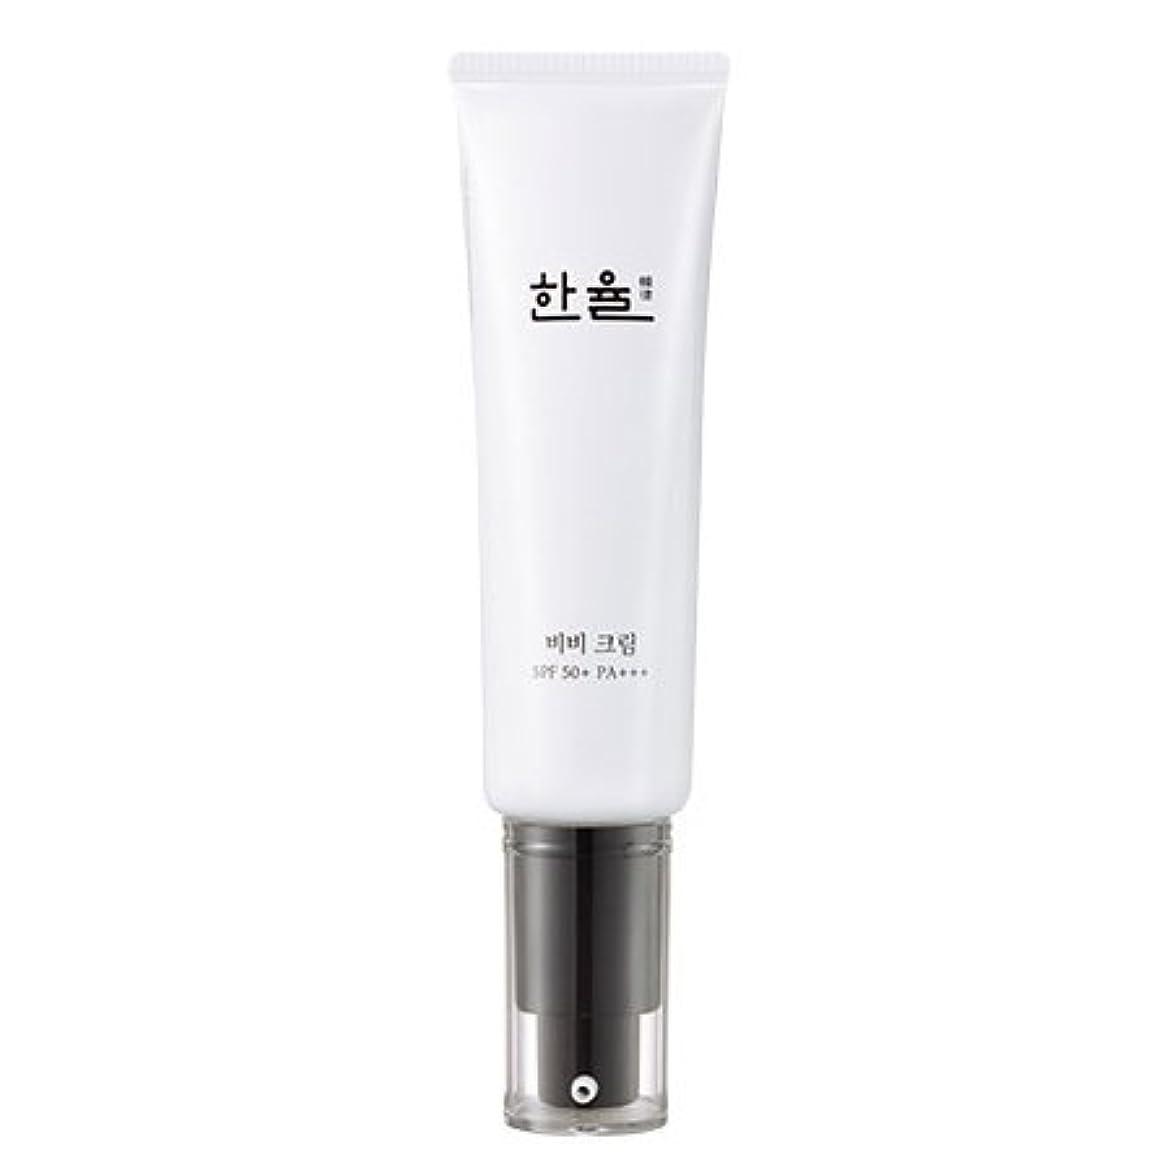 便利さ暴動デッキHANYUL BB Cream 40ml/ハンユル BBクリーム 40ml (#2 Natural Beige) [並行輸入品]